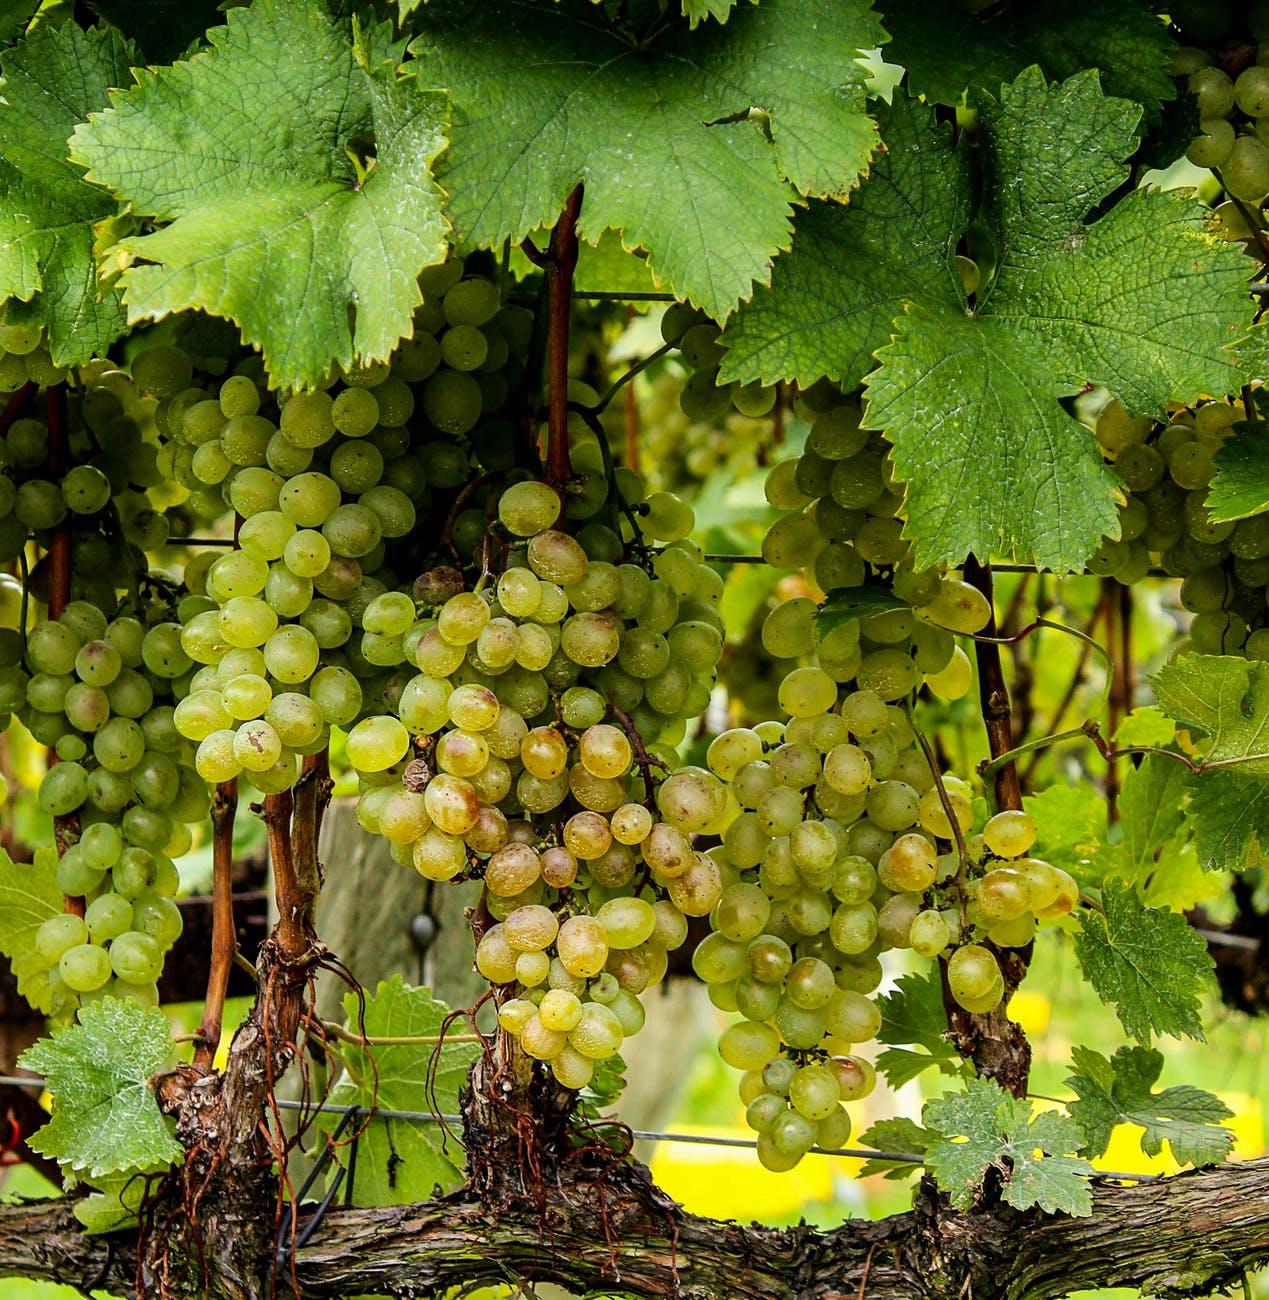 pasqua wijnhuis